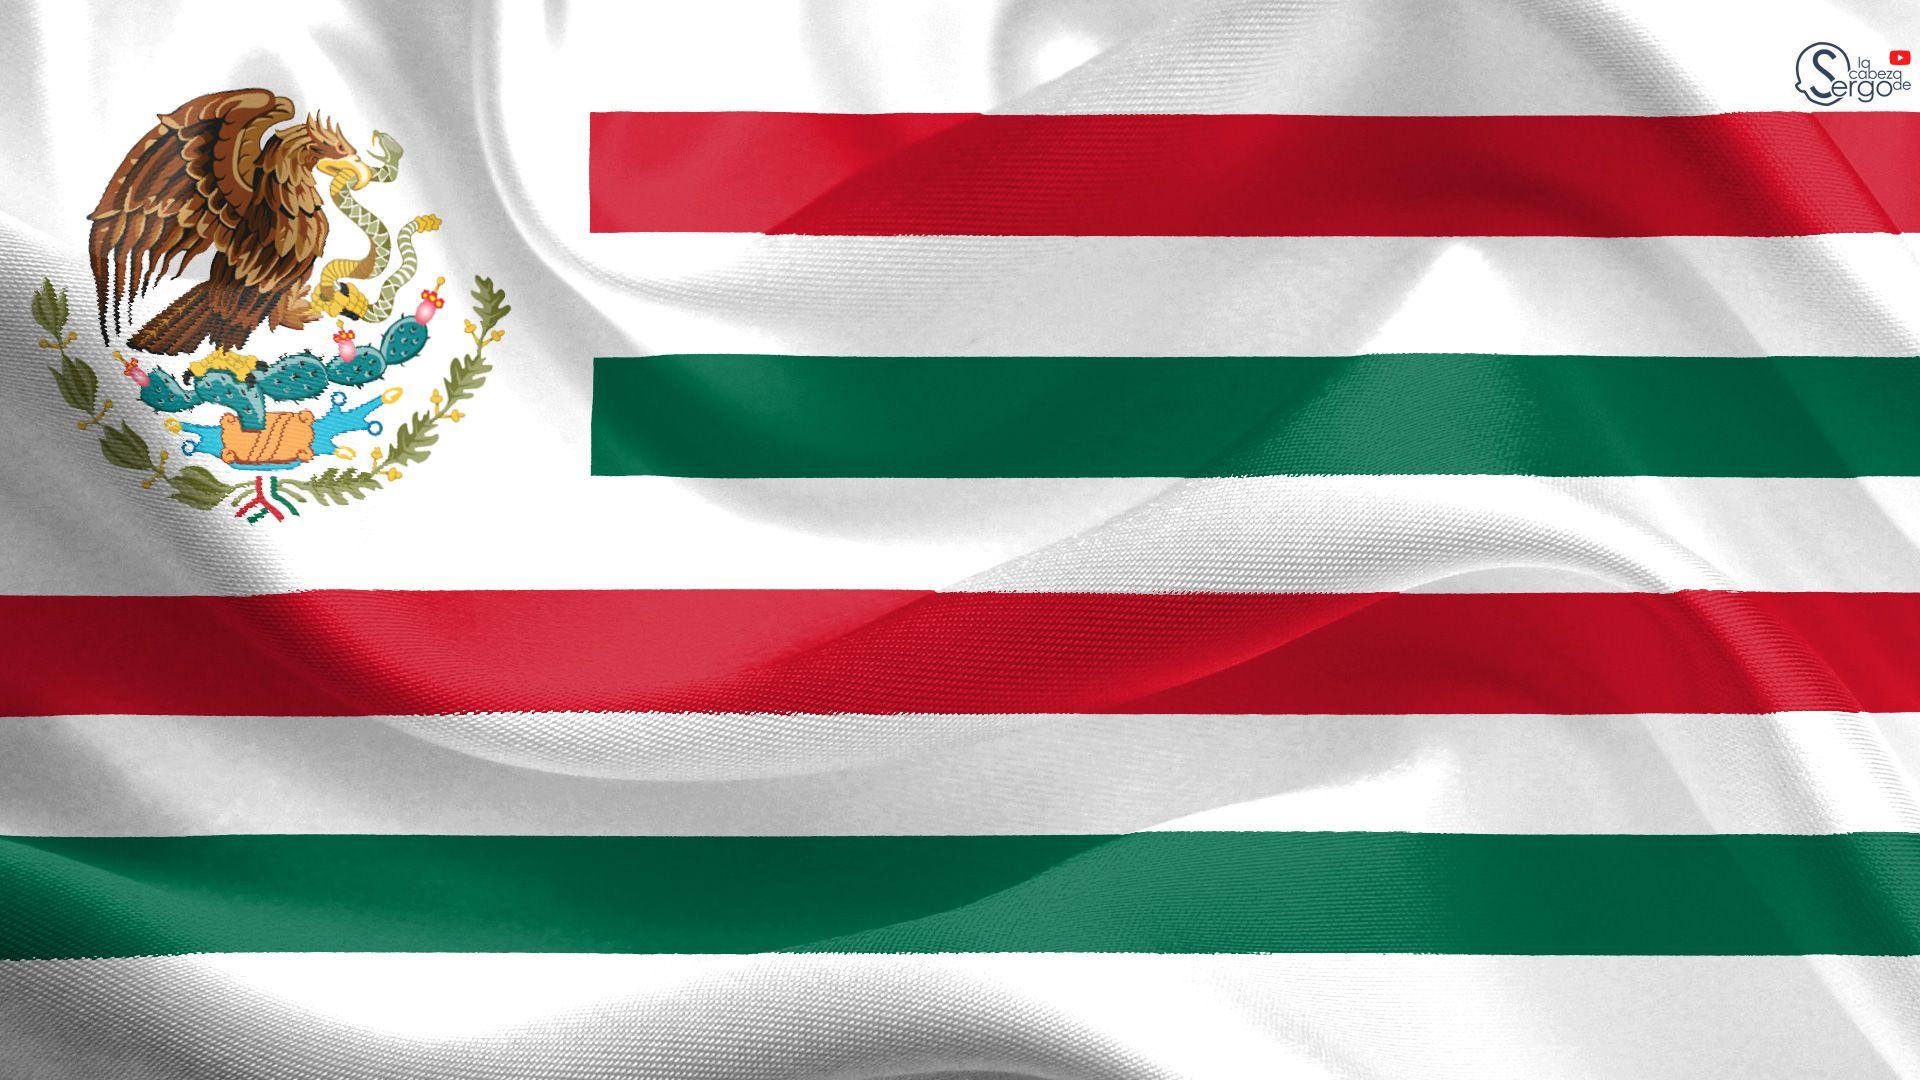 Bandera De Mexico Combinada Con Uruguay Banderas Mexico Bandera Bandera